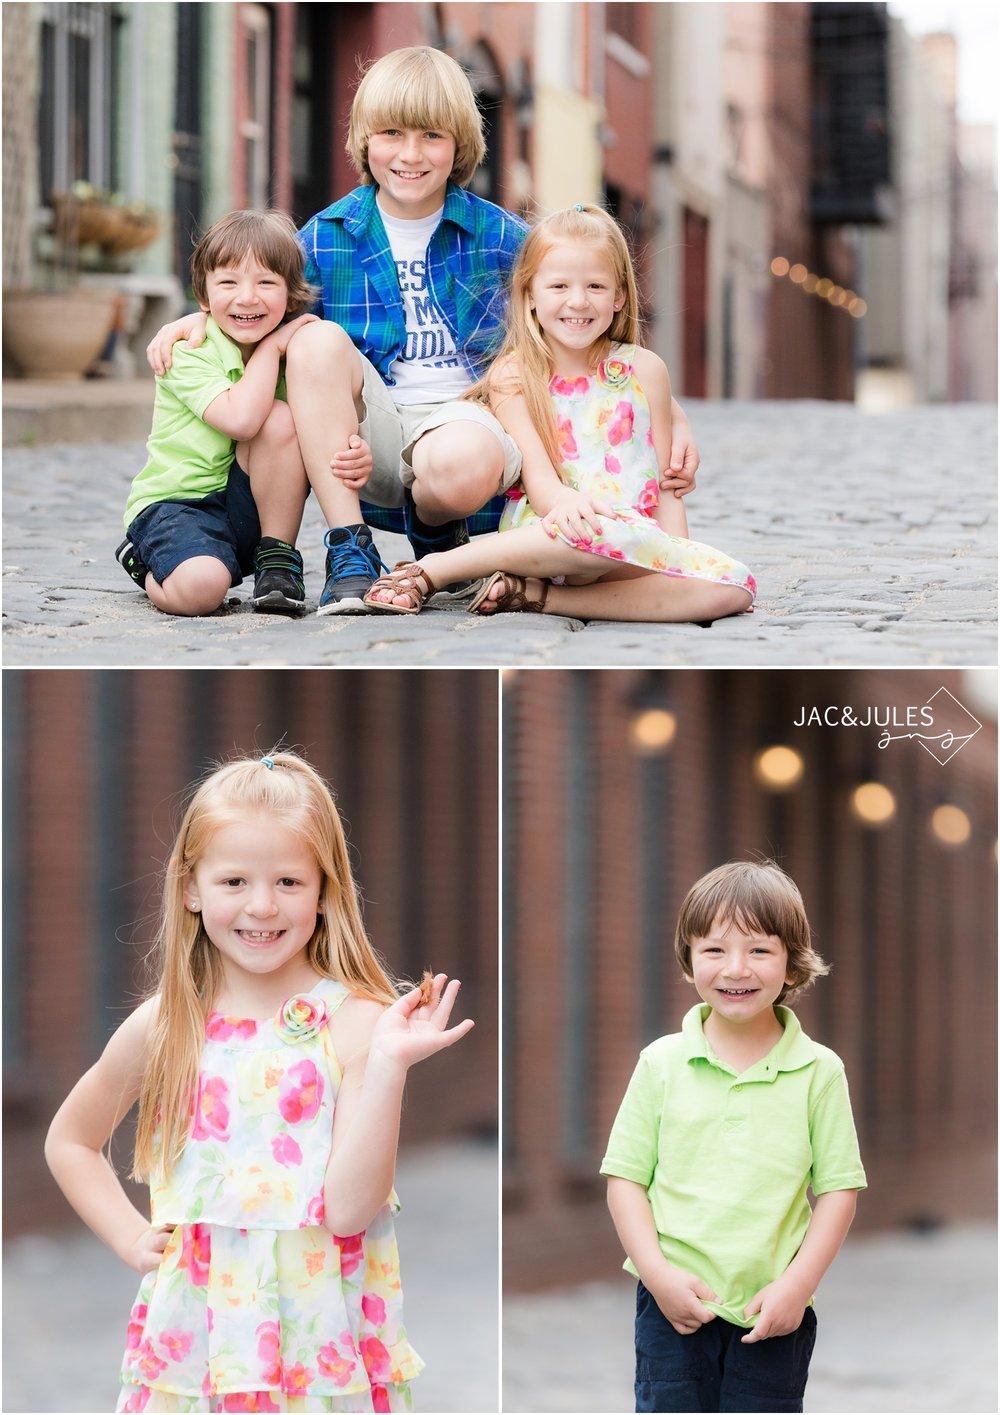 Kids on cobblestone street in Hoboken, NJ.